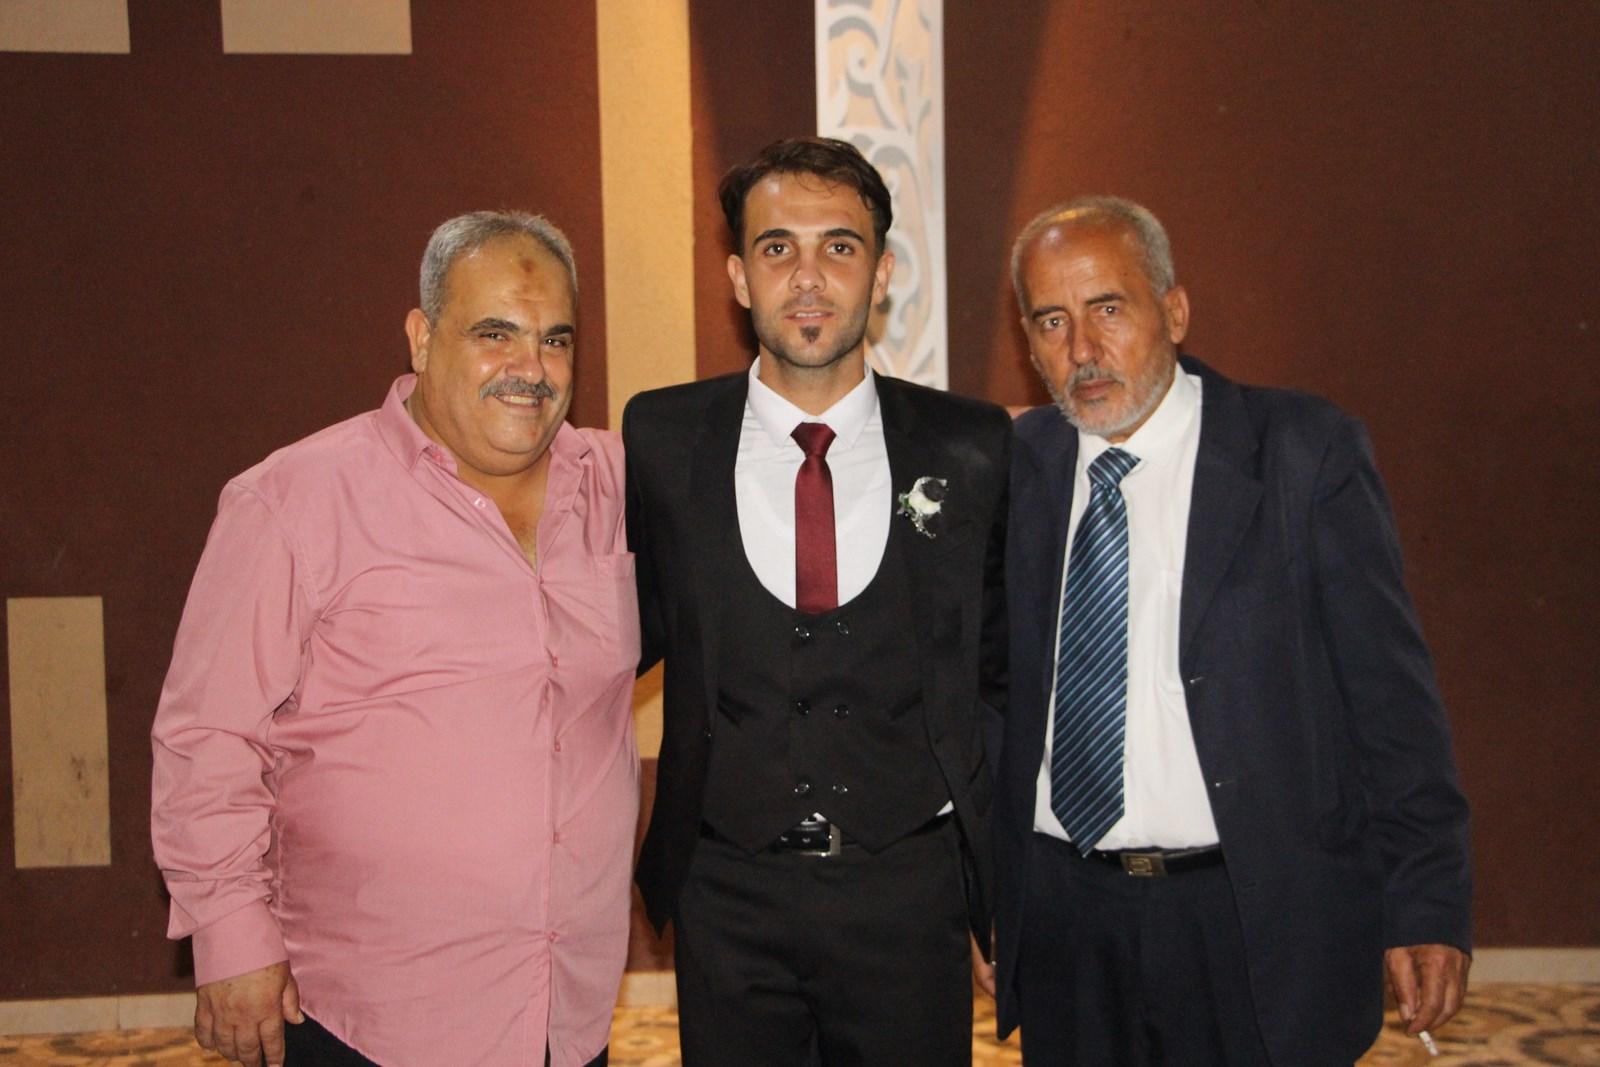 حفل زفاف أ. عبداللطيف عدنان عبداللطيف الفرا